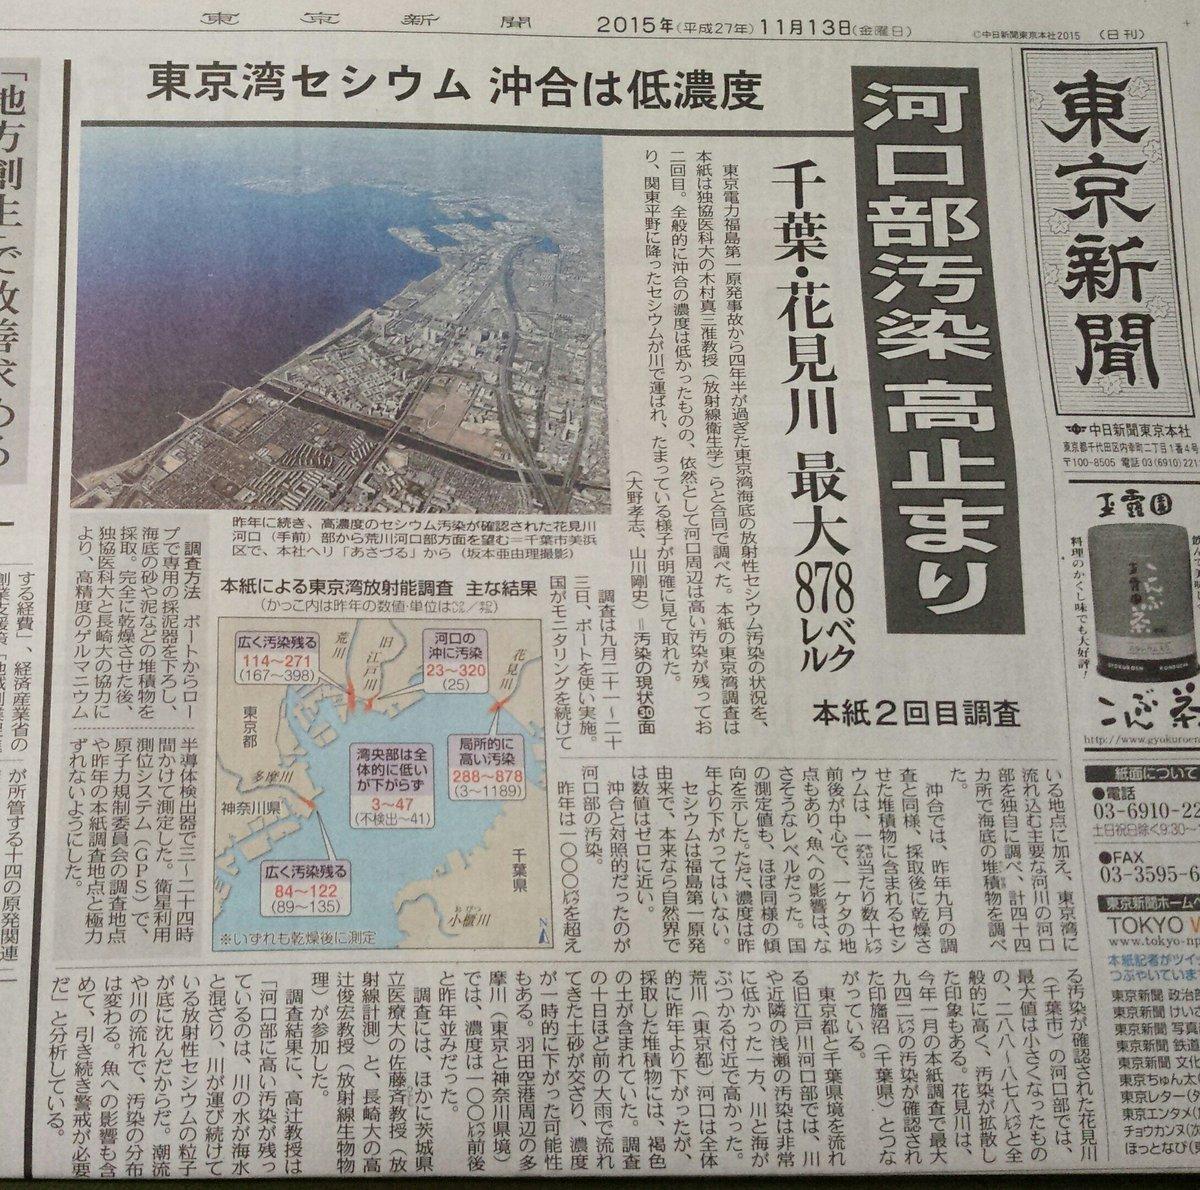 東京湾海底のセシウム汚染 依然として河口周辺は高い汚染 東京新聞調査2015/11/13朝刊 https://t.co/vHwbgOui3R